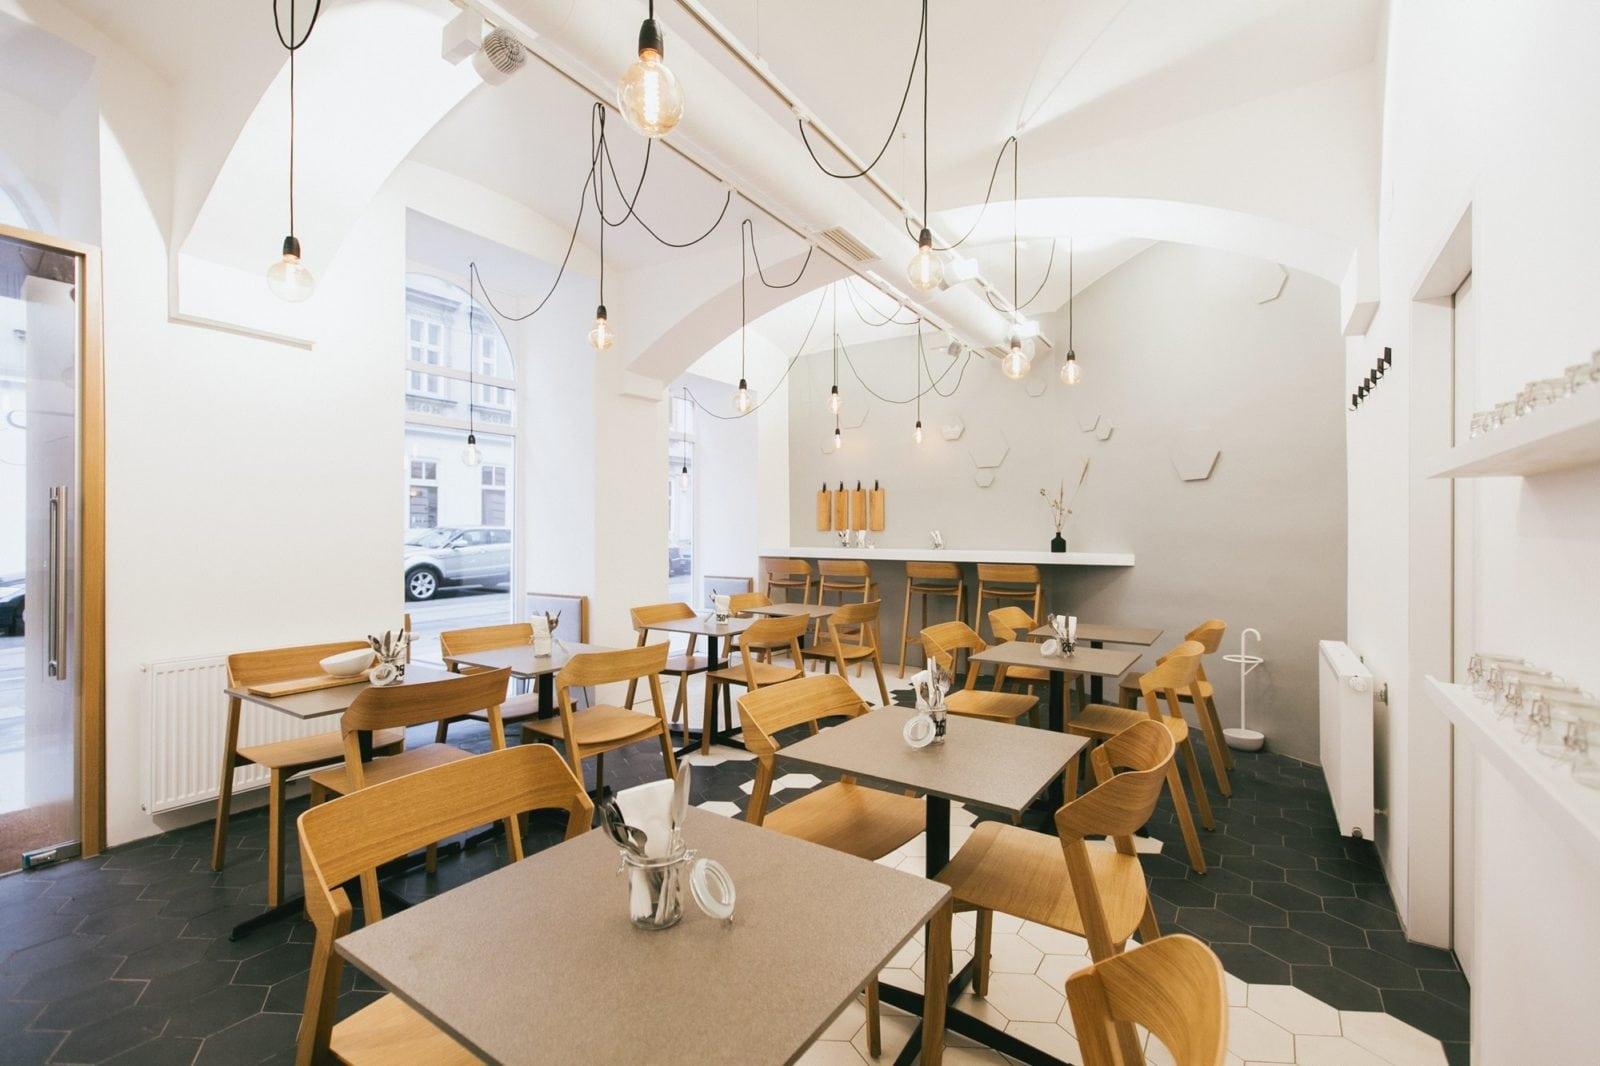 TON Merano Chairs at Strudls Restaurant